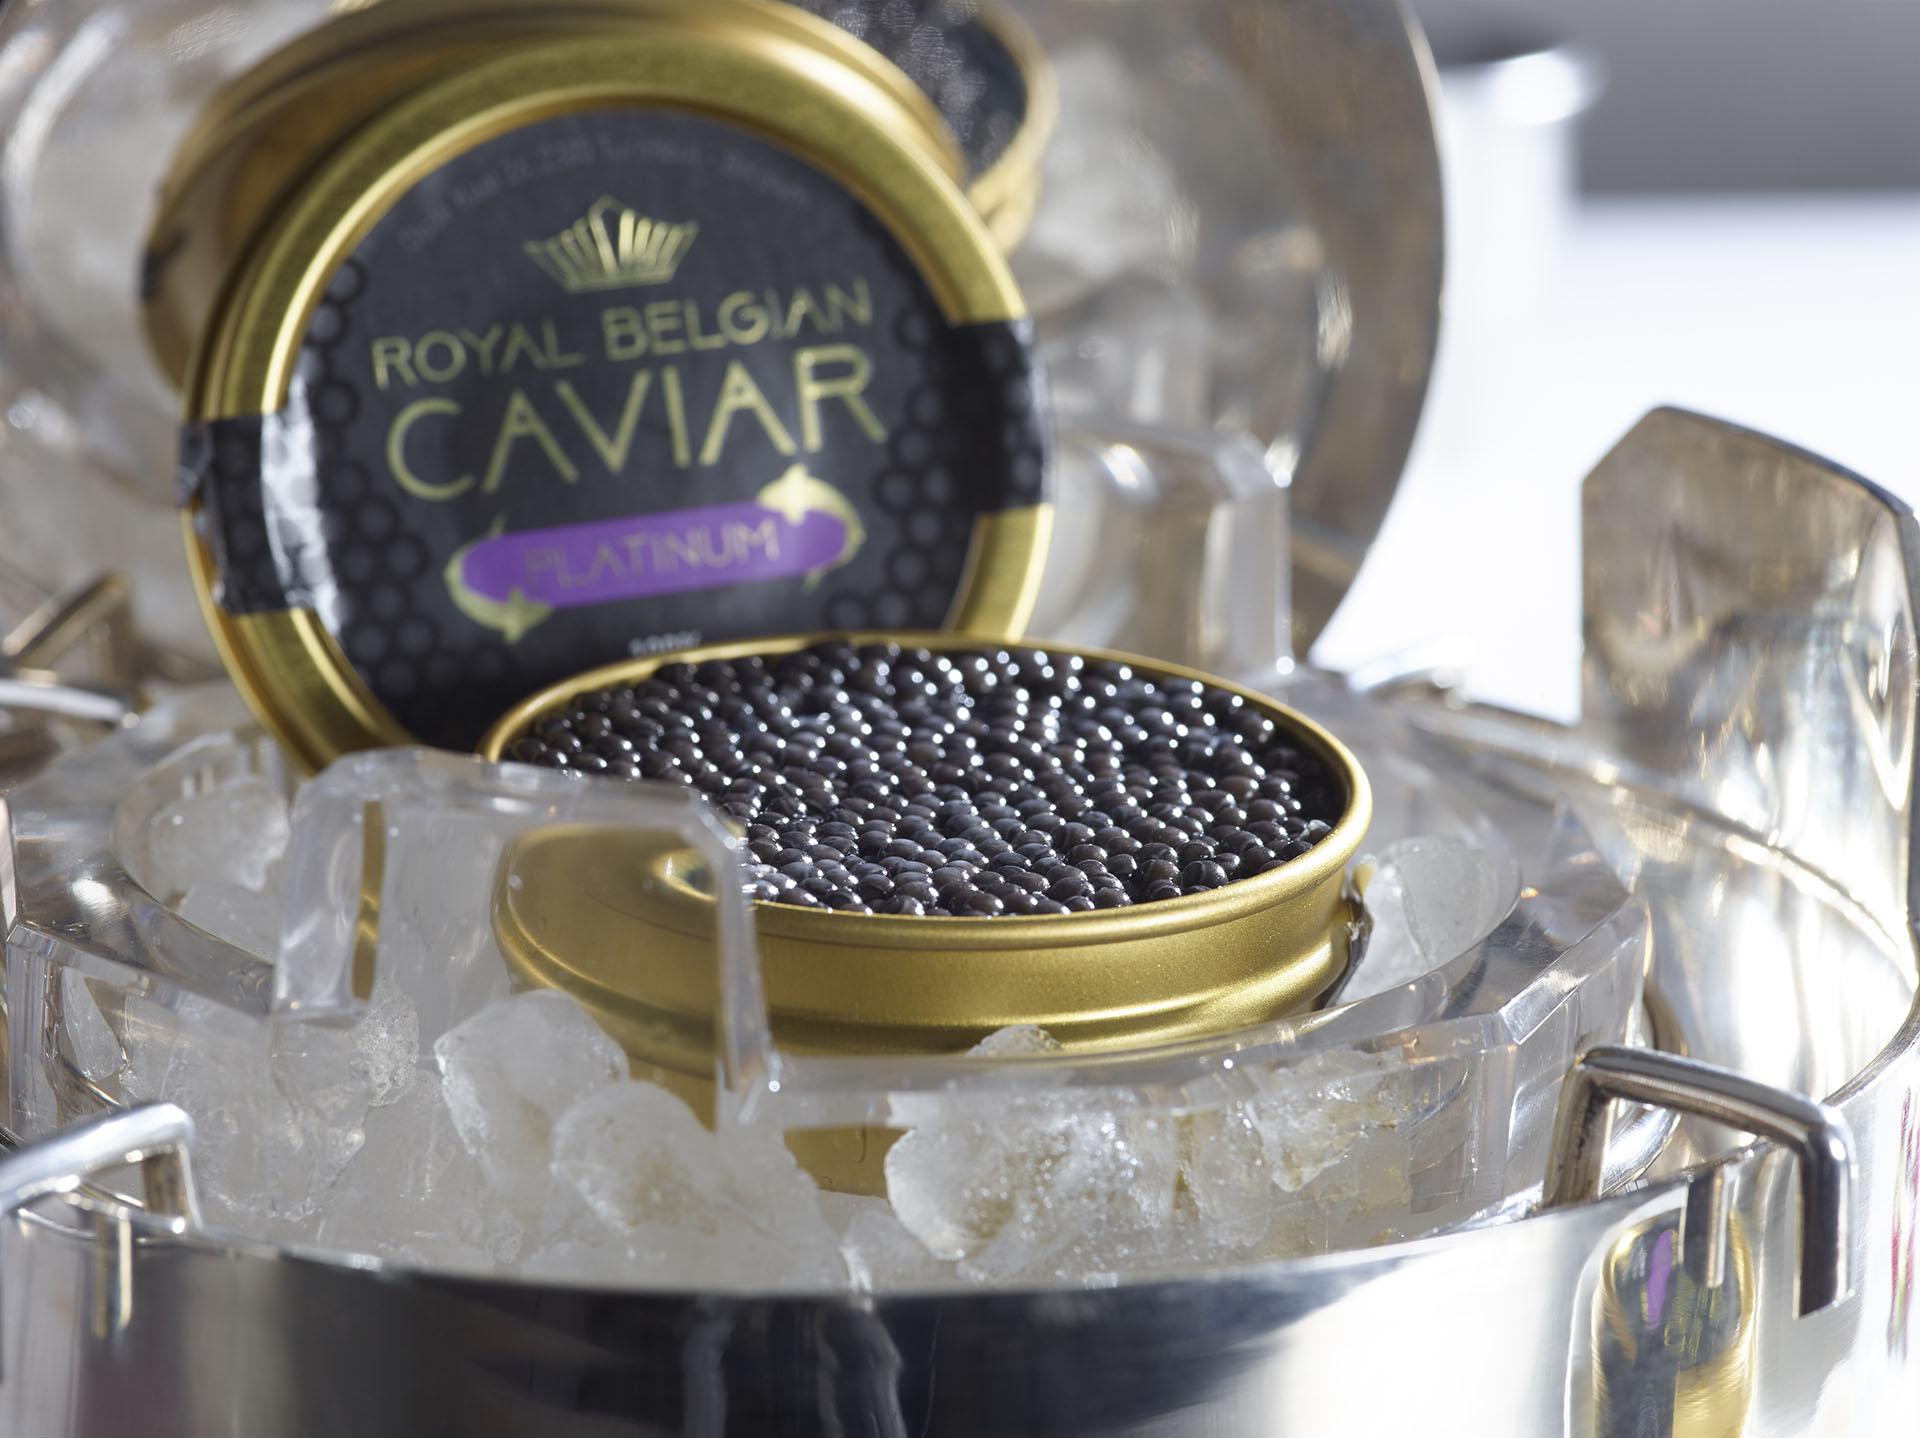 Royal-belgian-caviar1